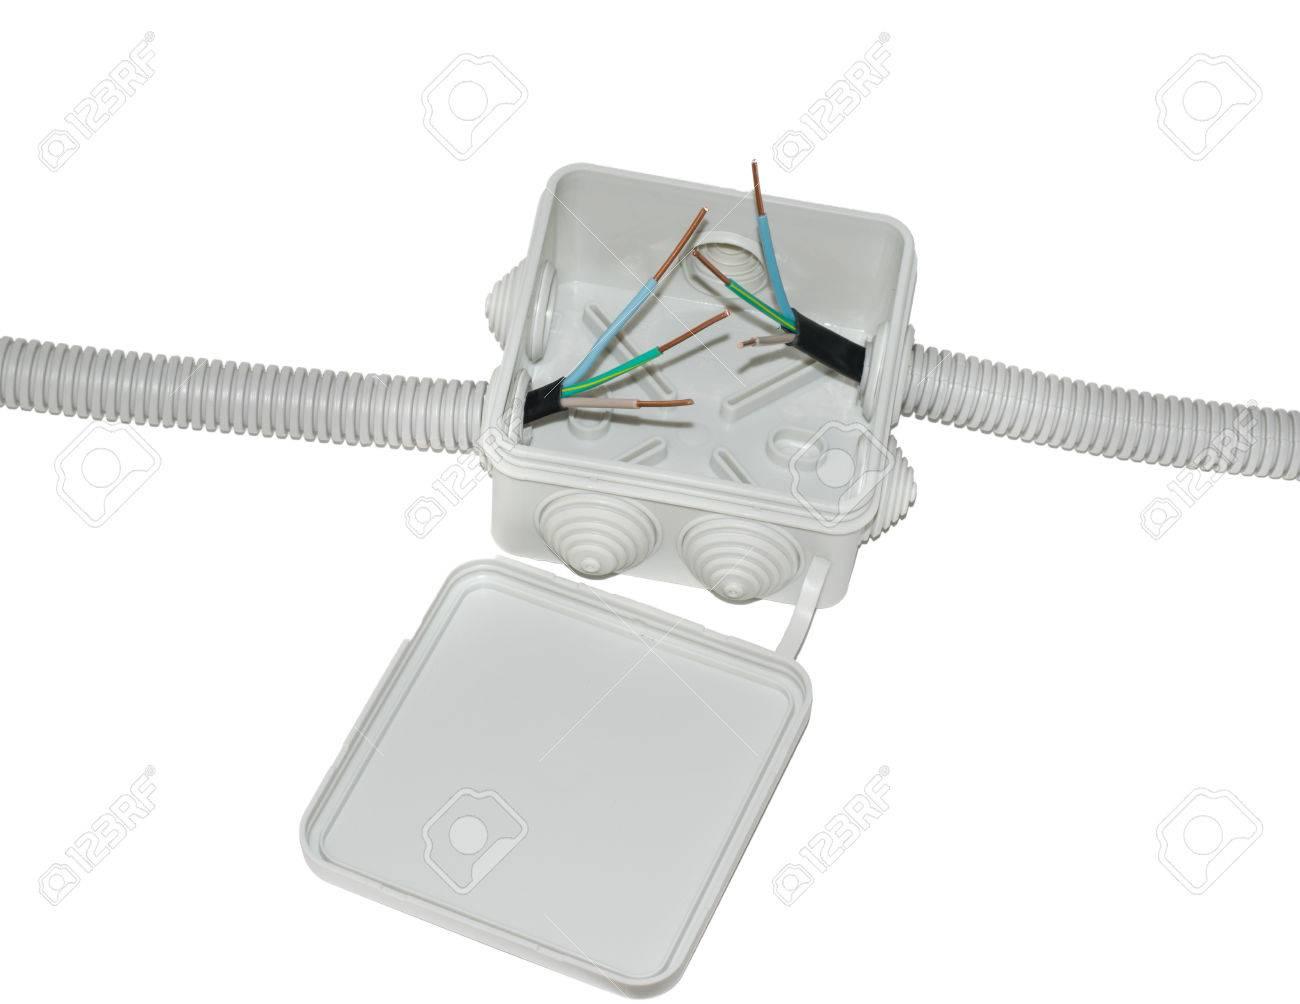 Ziemlich Elektrische Verdrahtungshinweise Ideen - Elektrische ...